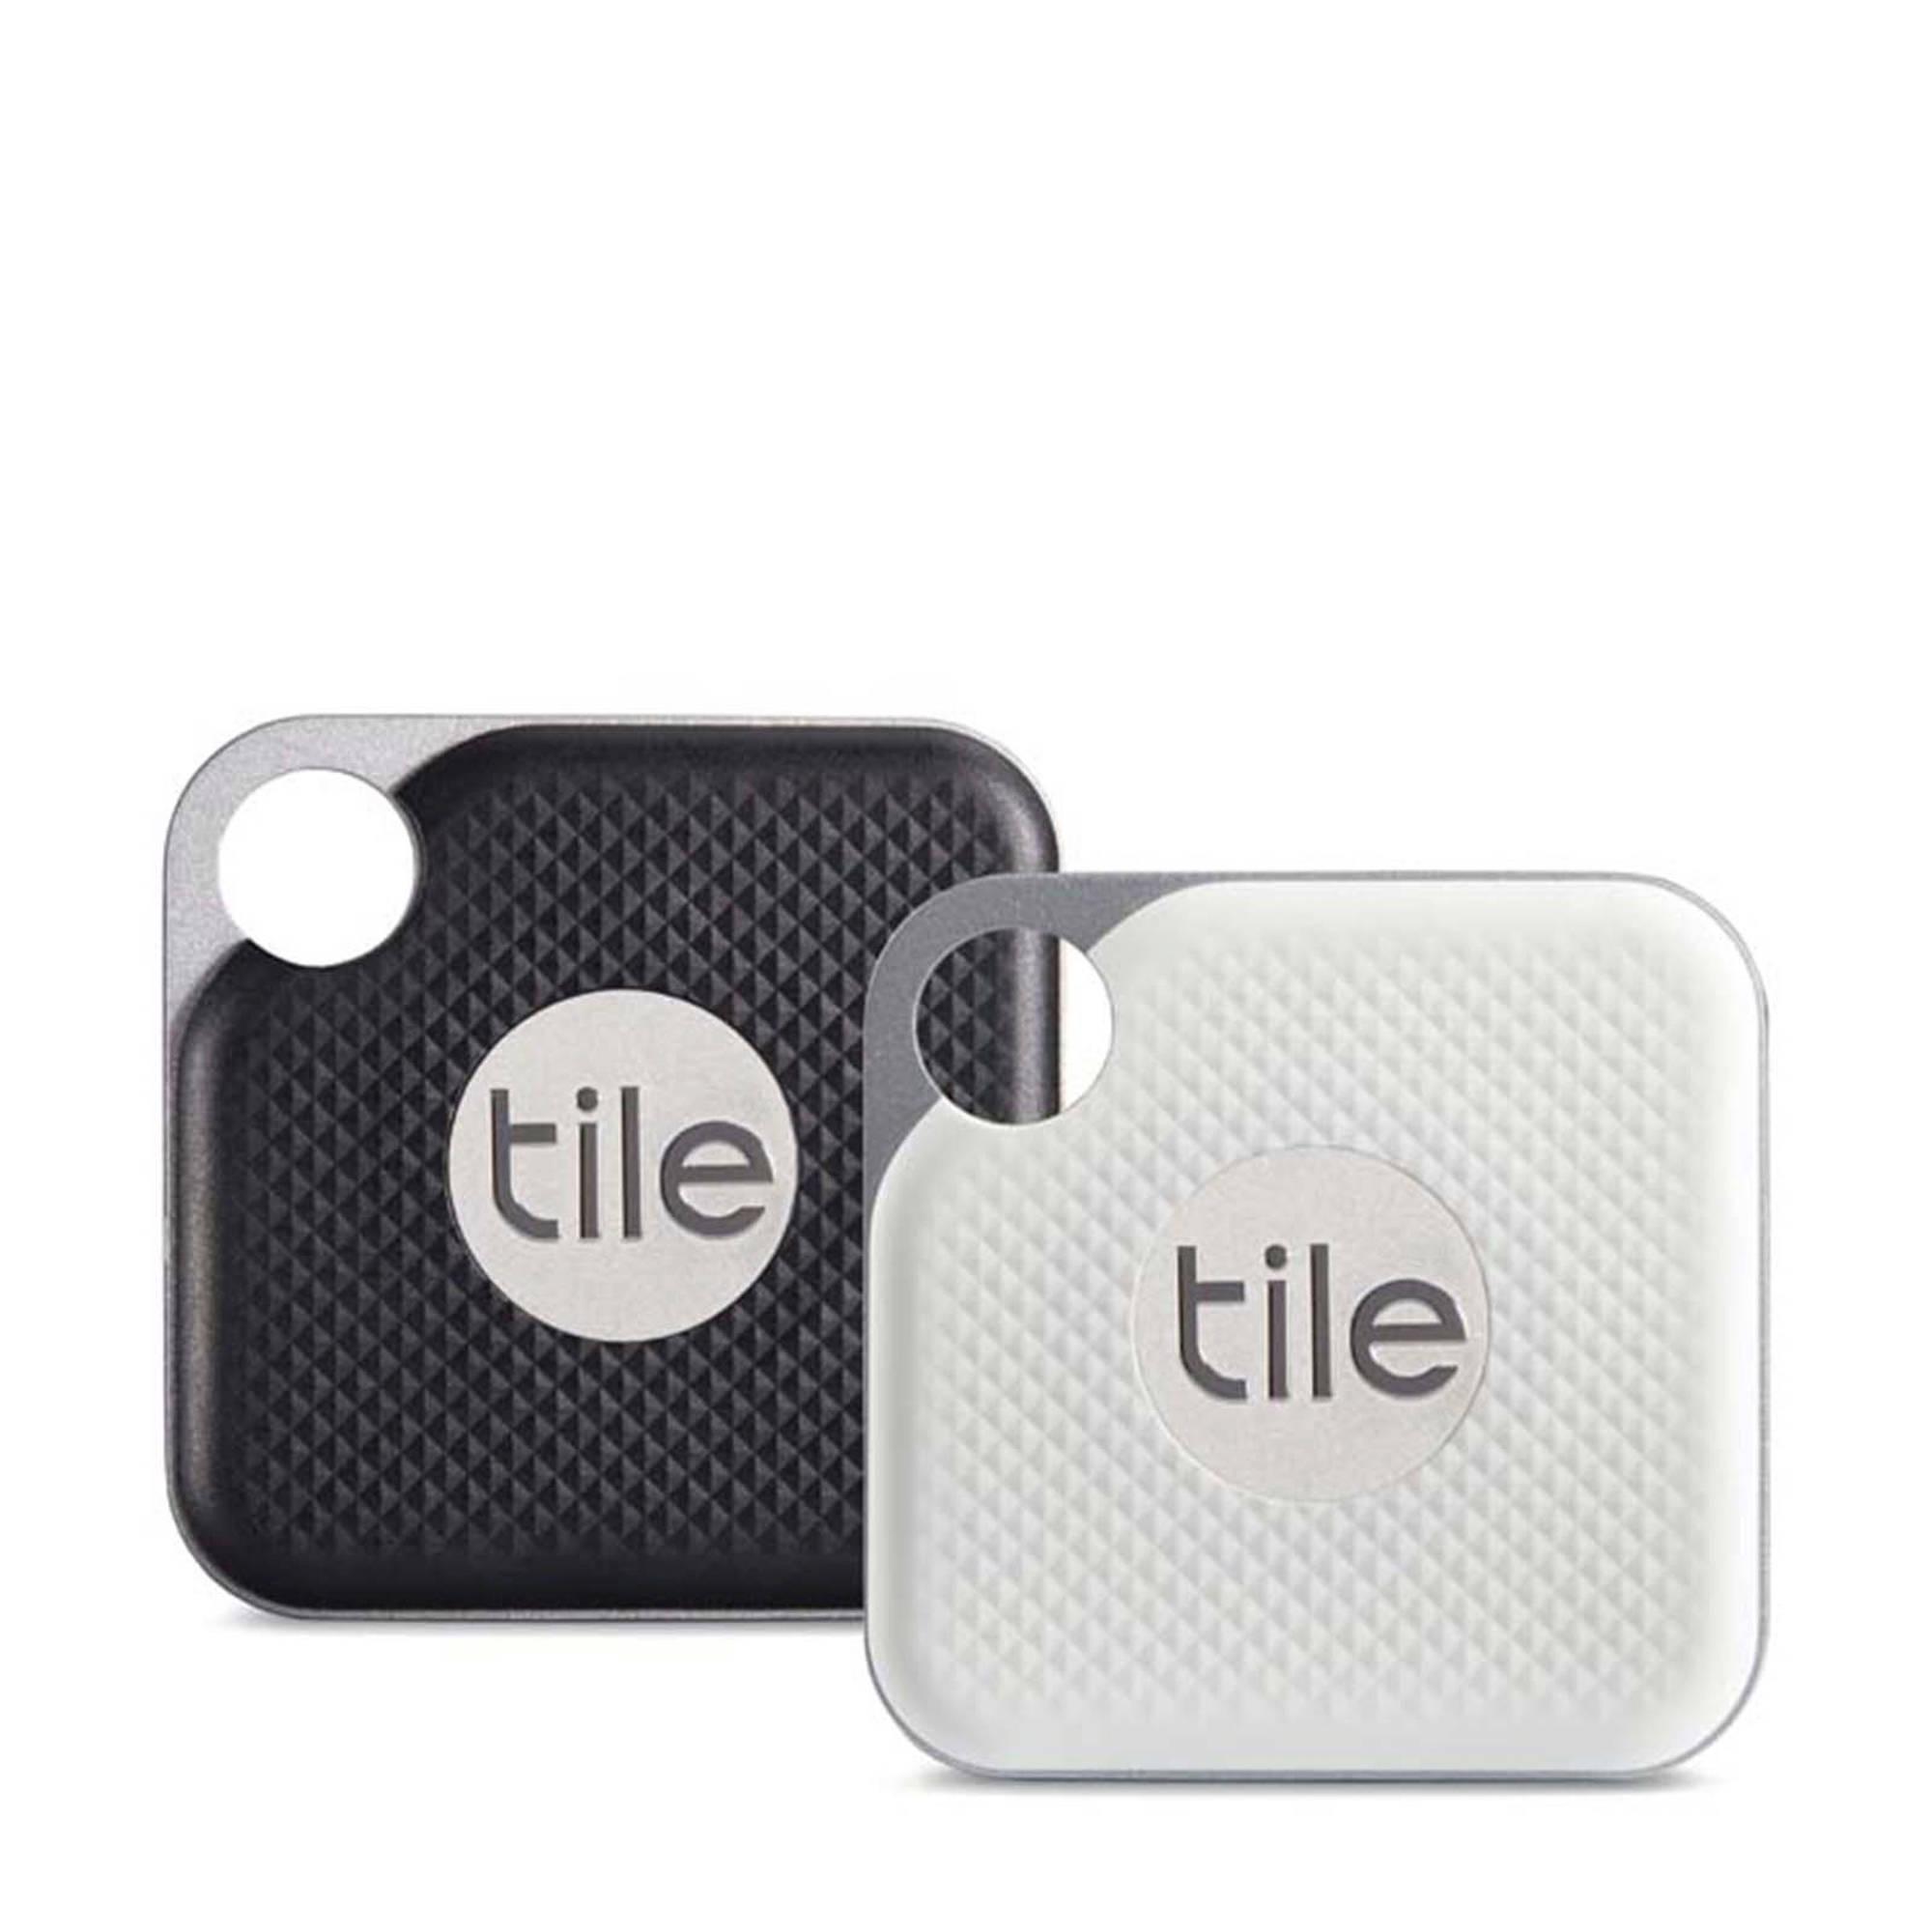 Tile Pro Smartphone Amp Key Finder Cadeauxperts